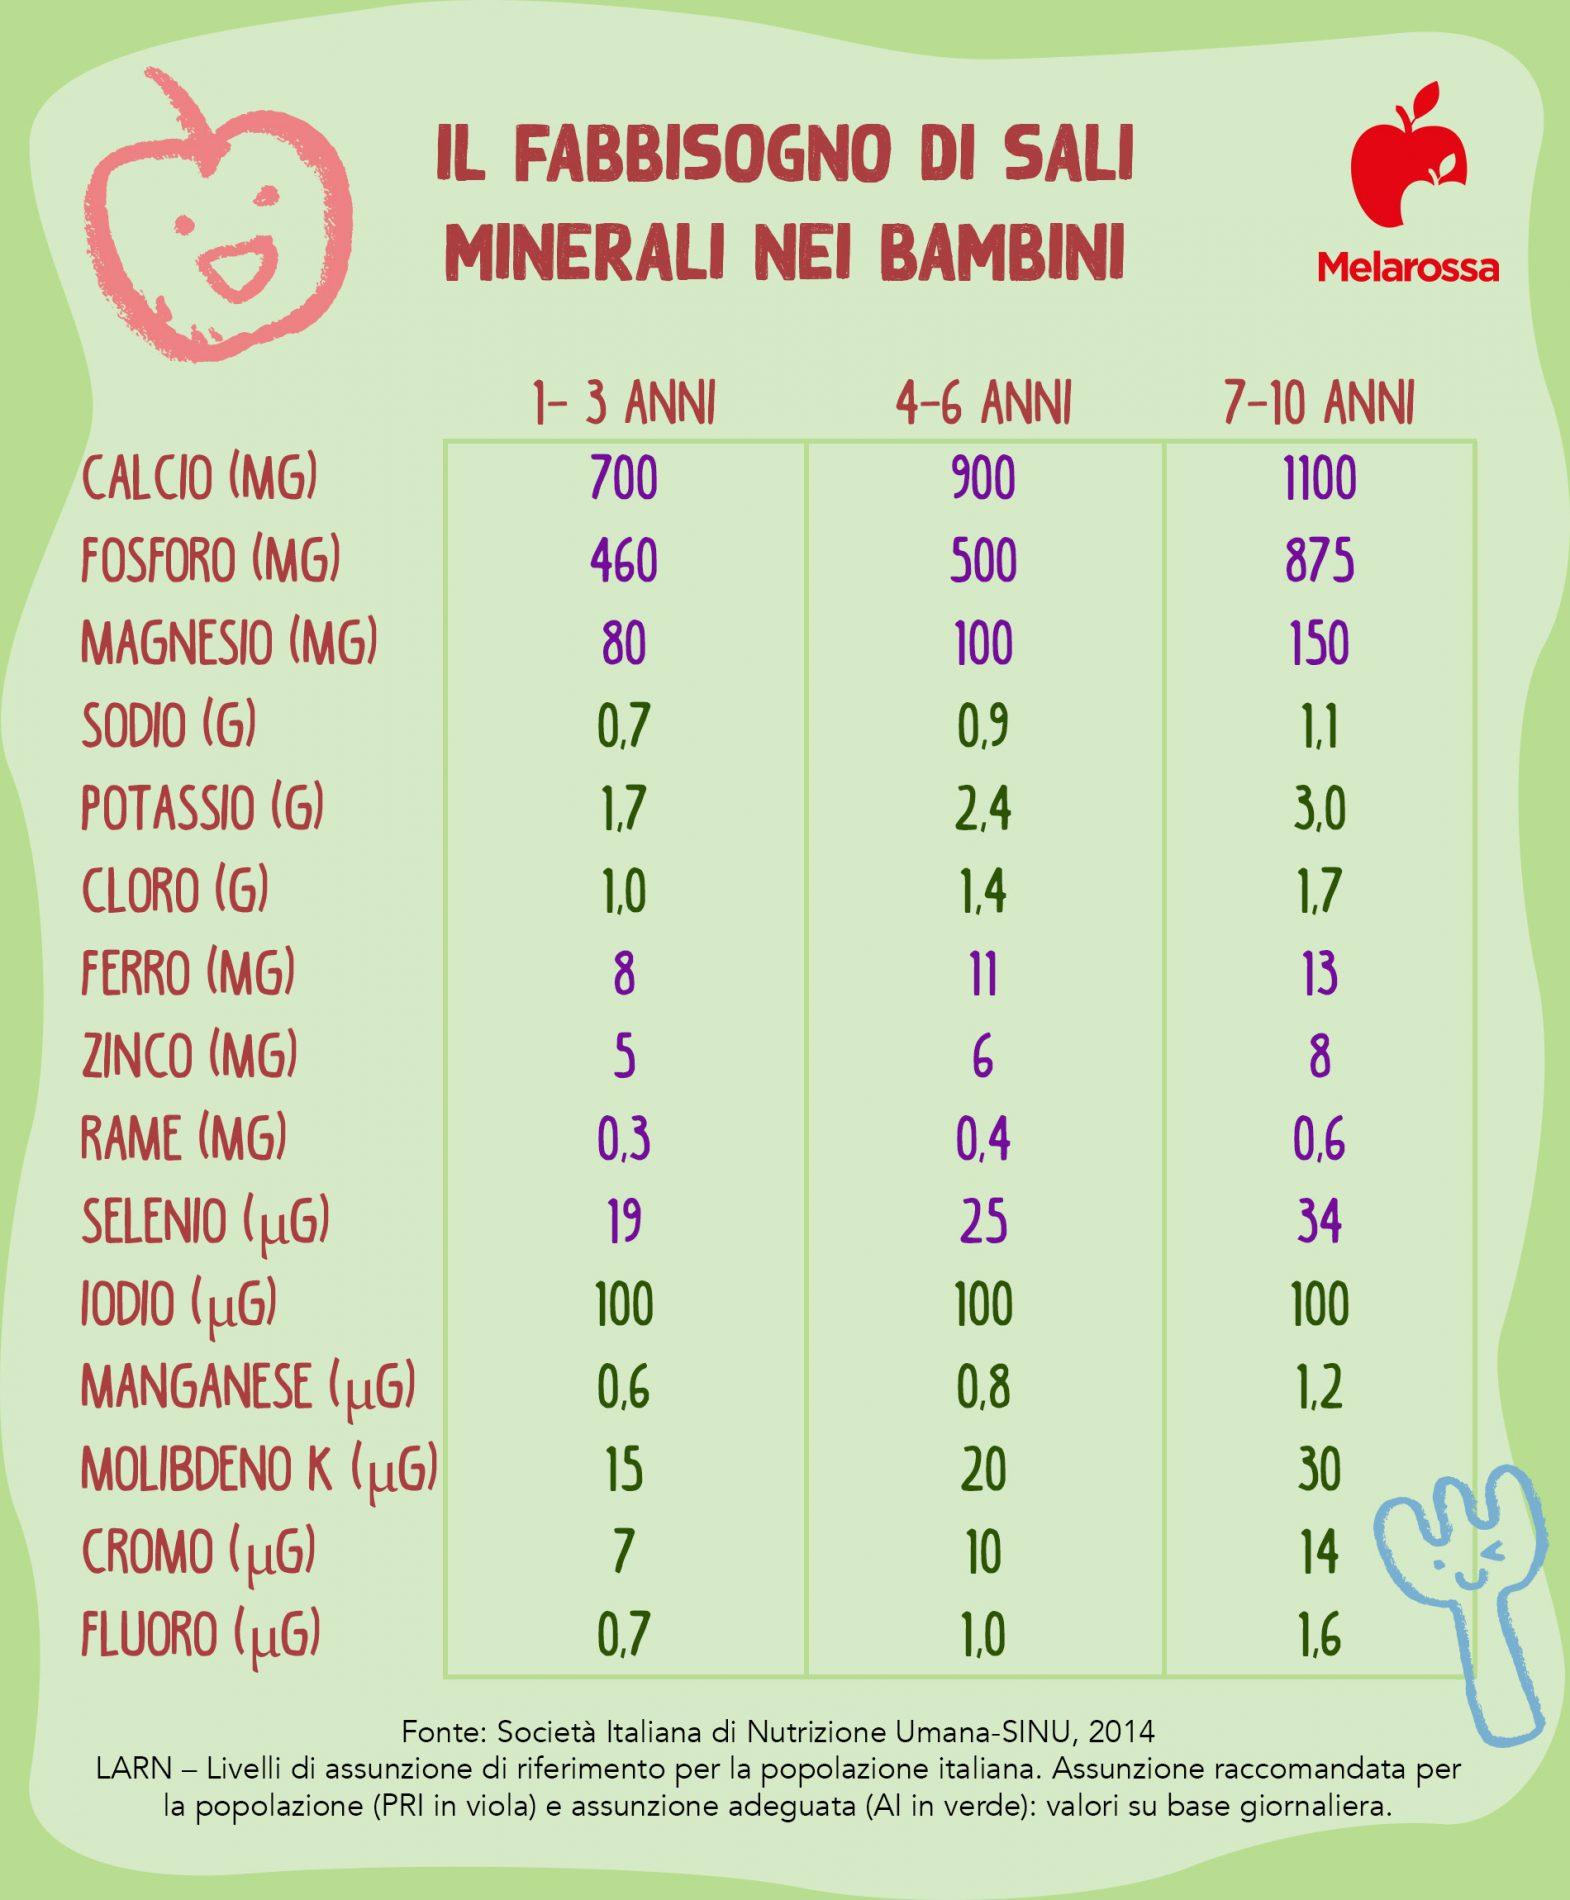 educazione alimentare: fabbisogno sali minerali nei bambini